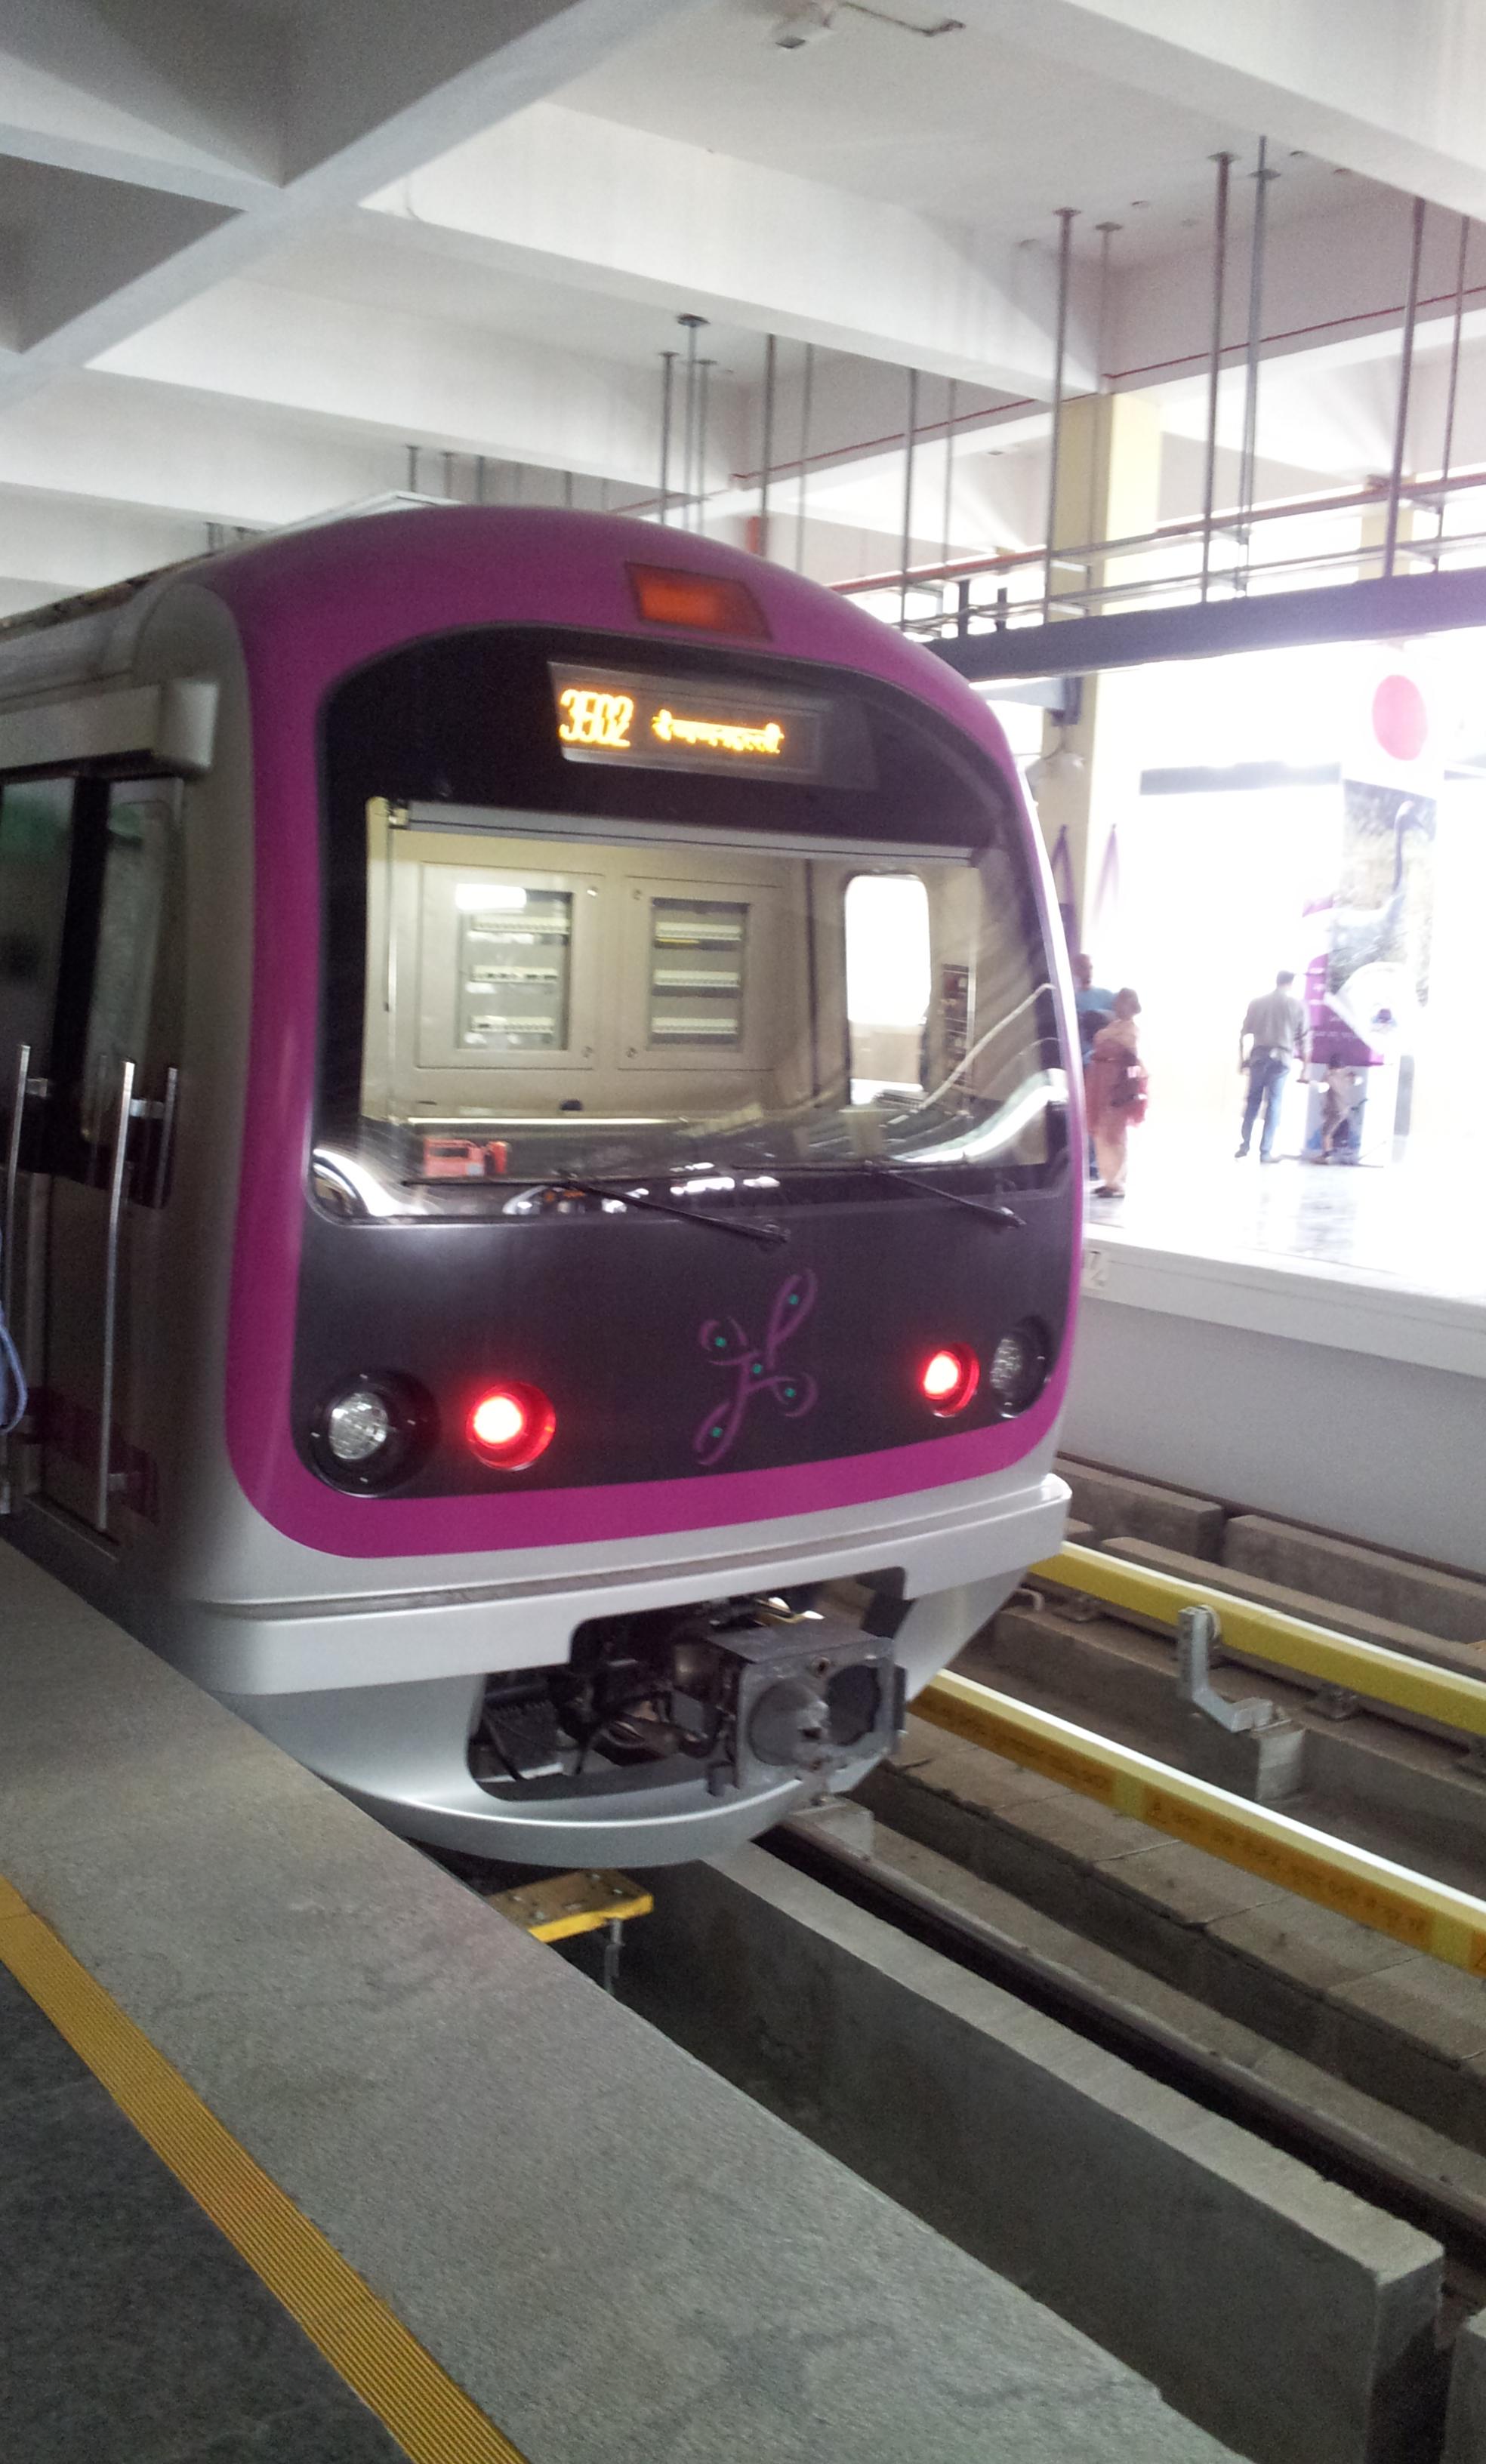 About namma metro